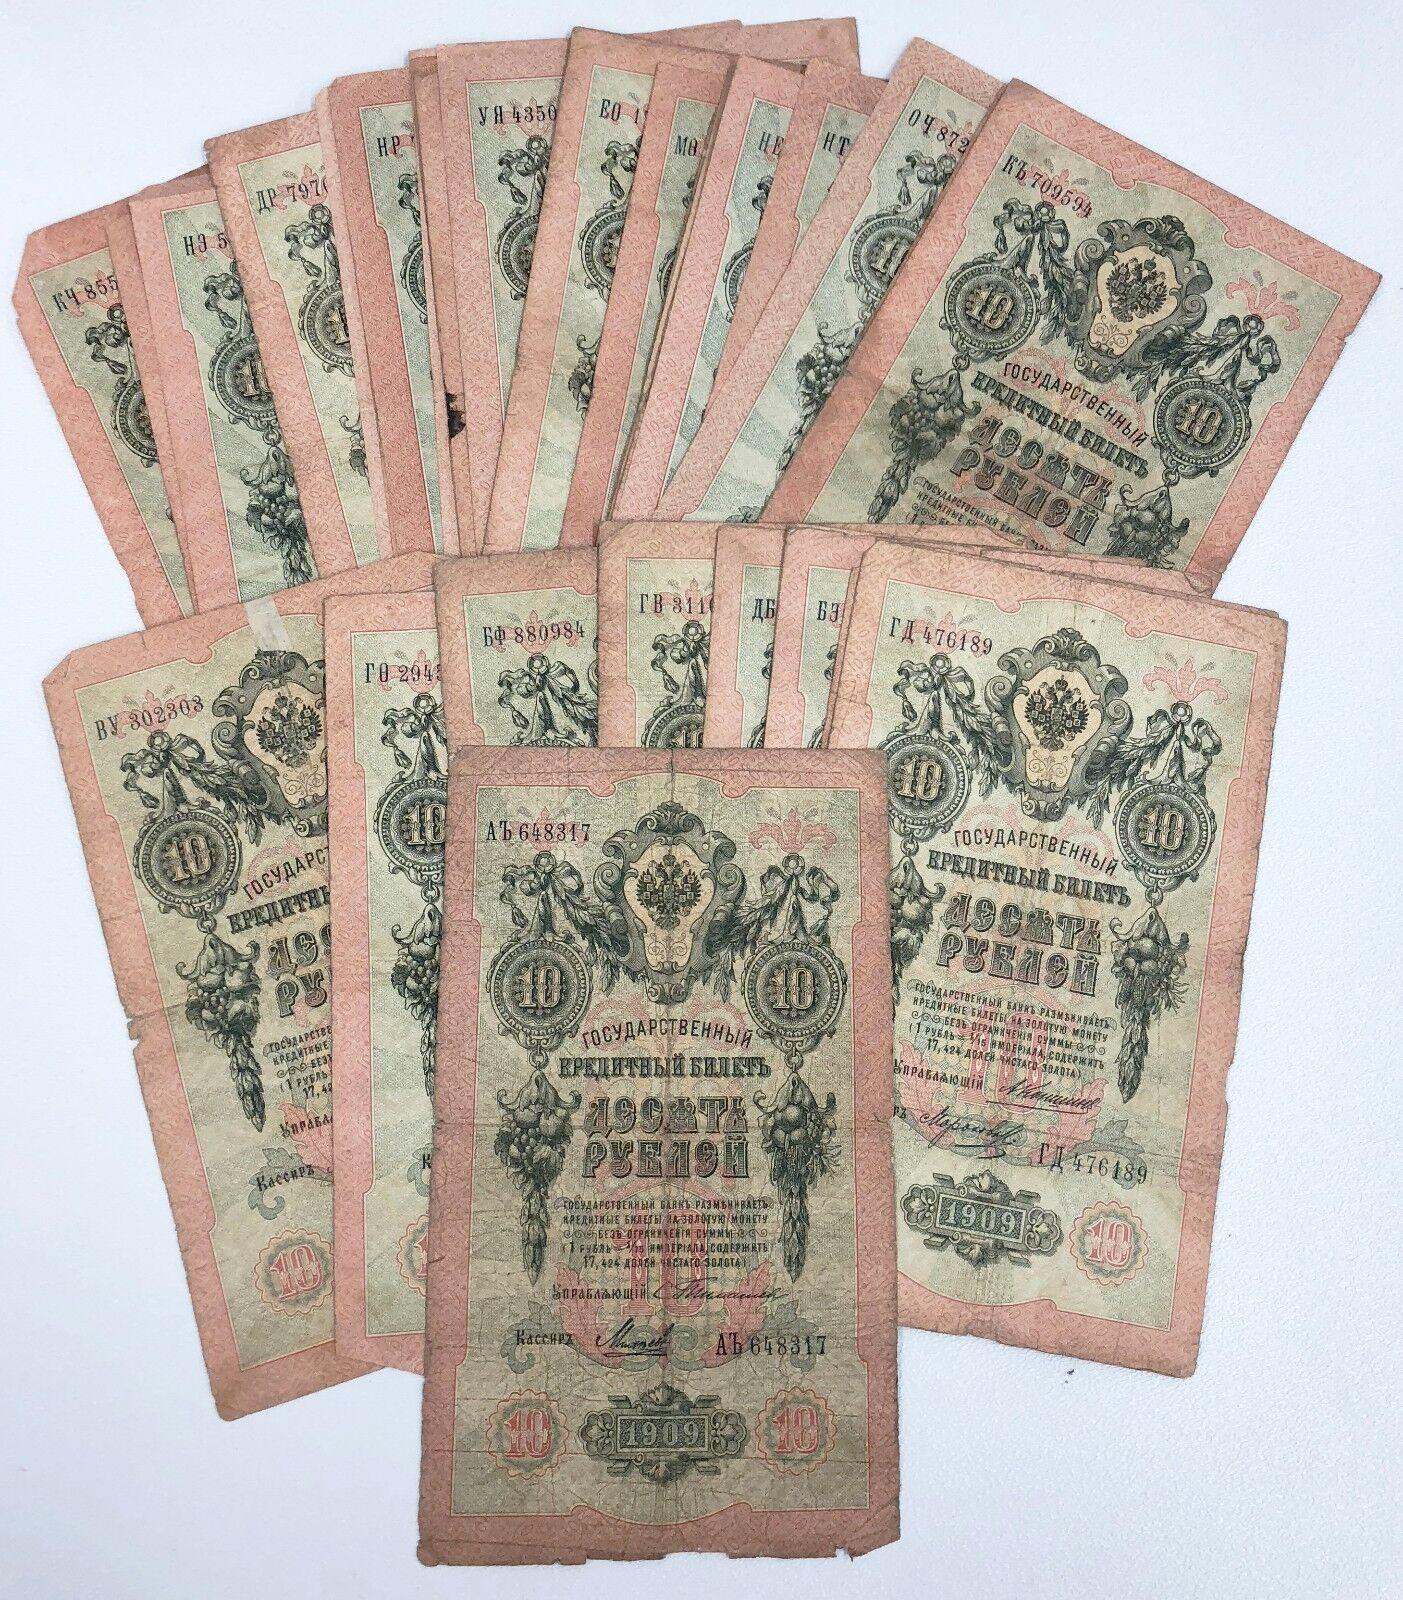 AU - P 11c P 11c 2 RUSSIA 2 Banknote Note 10 RUBLEY 1909